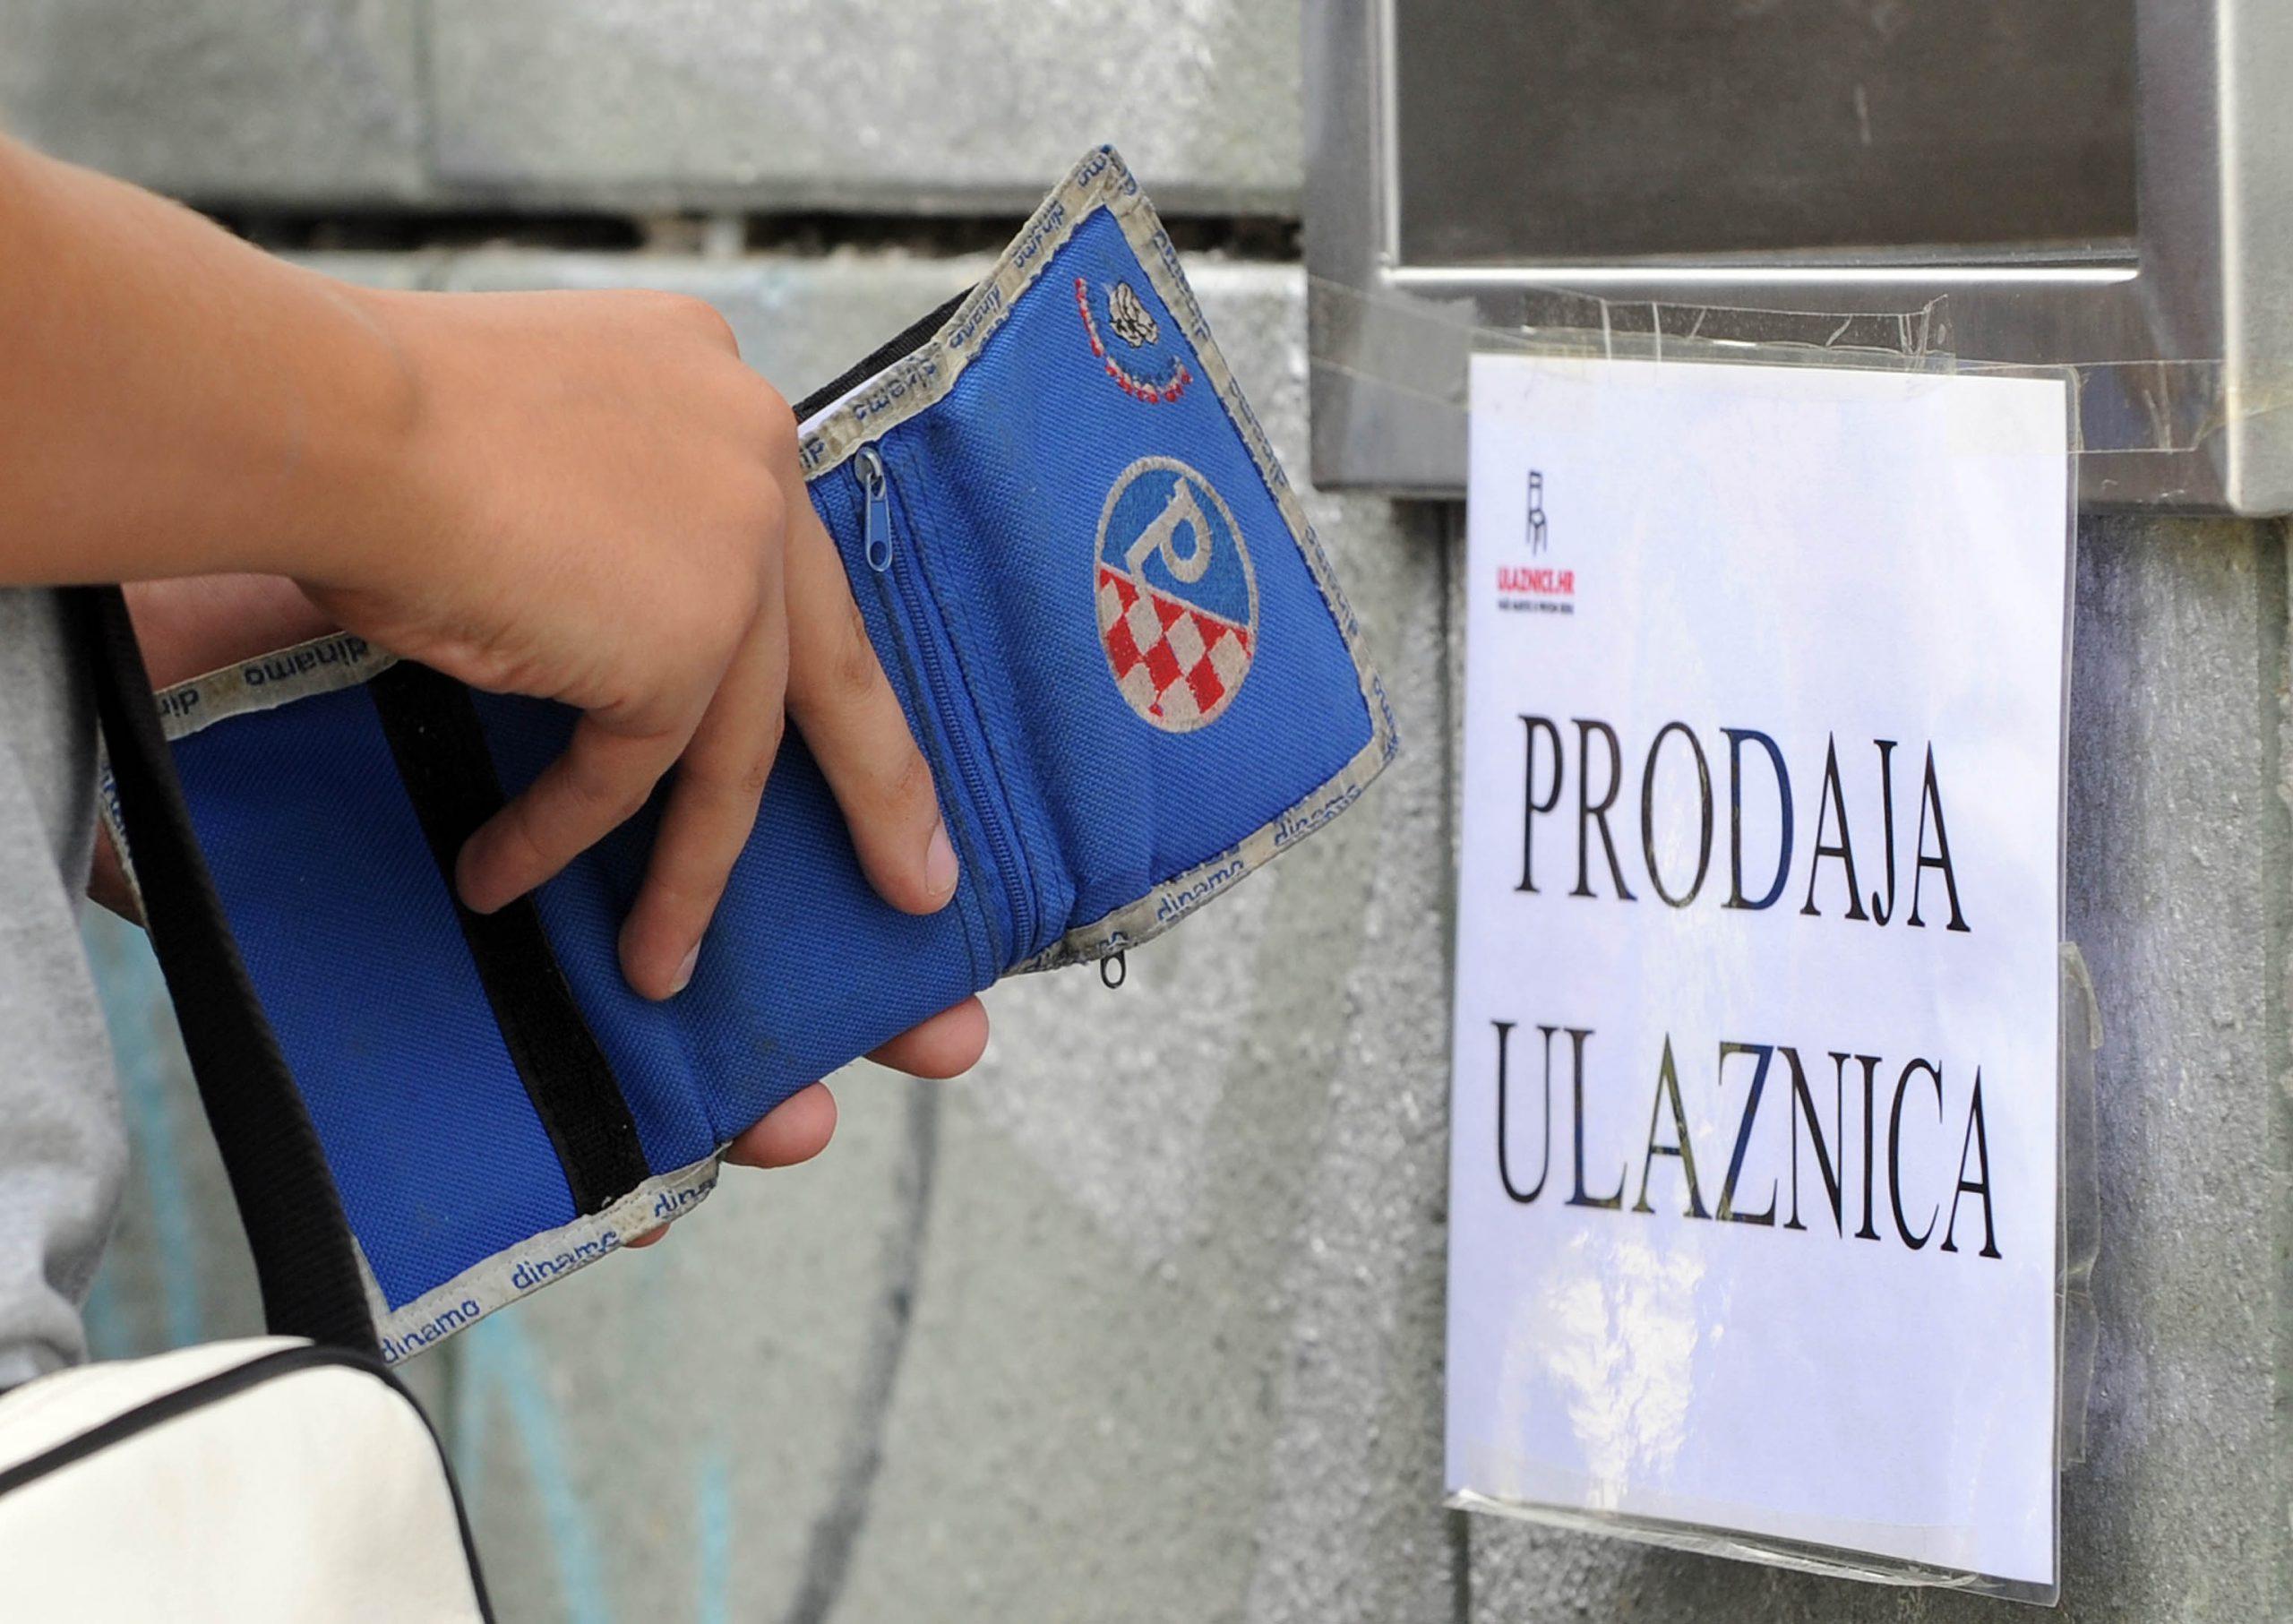 Naknadna preprodaja ulaznica trebala bi postati kažnjiva / Foto DAVOR KOVAČEVIĆ